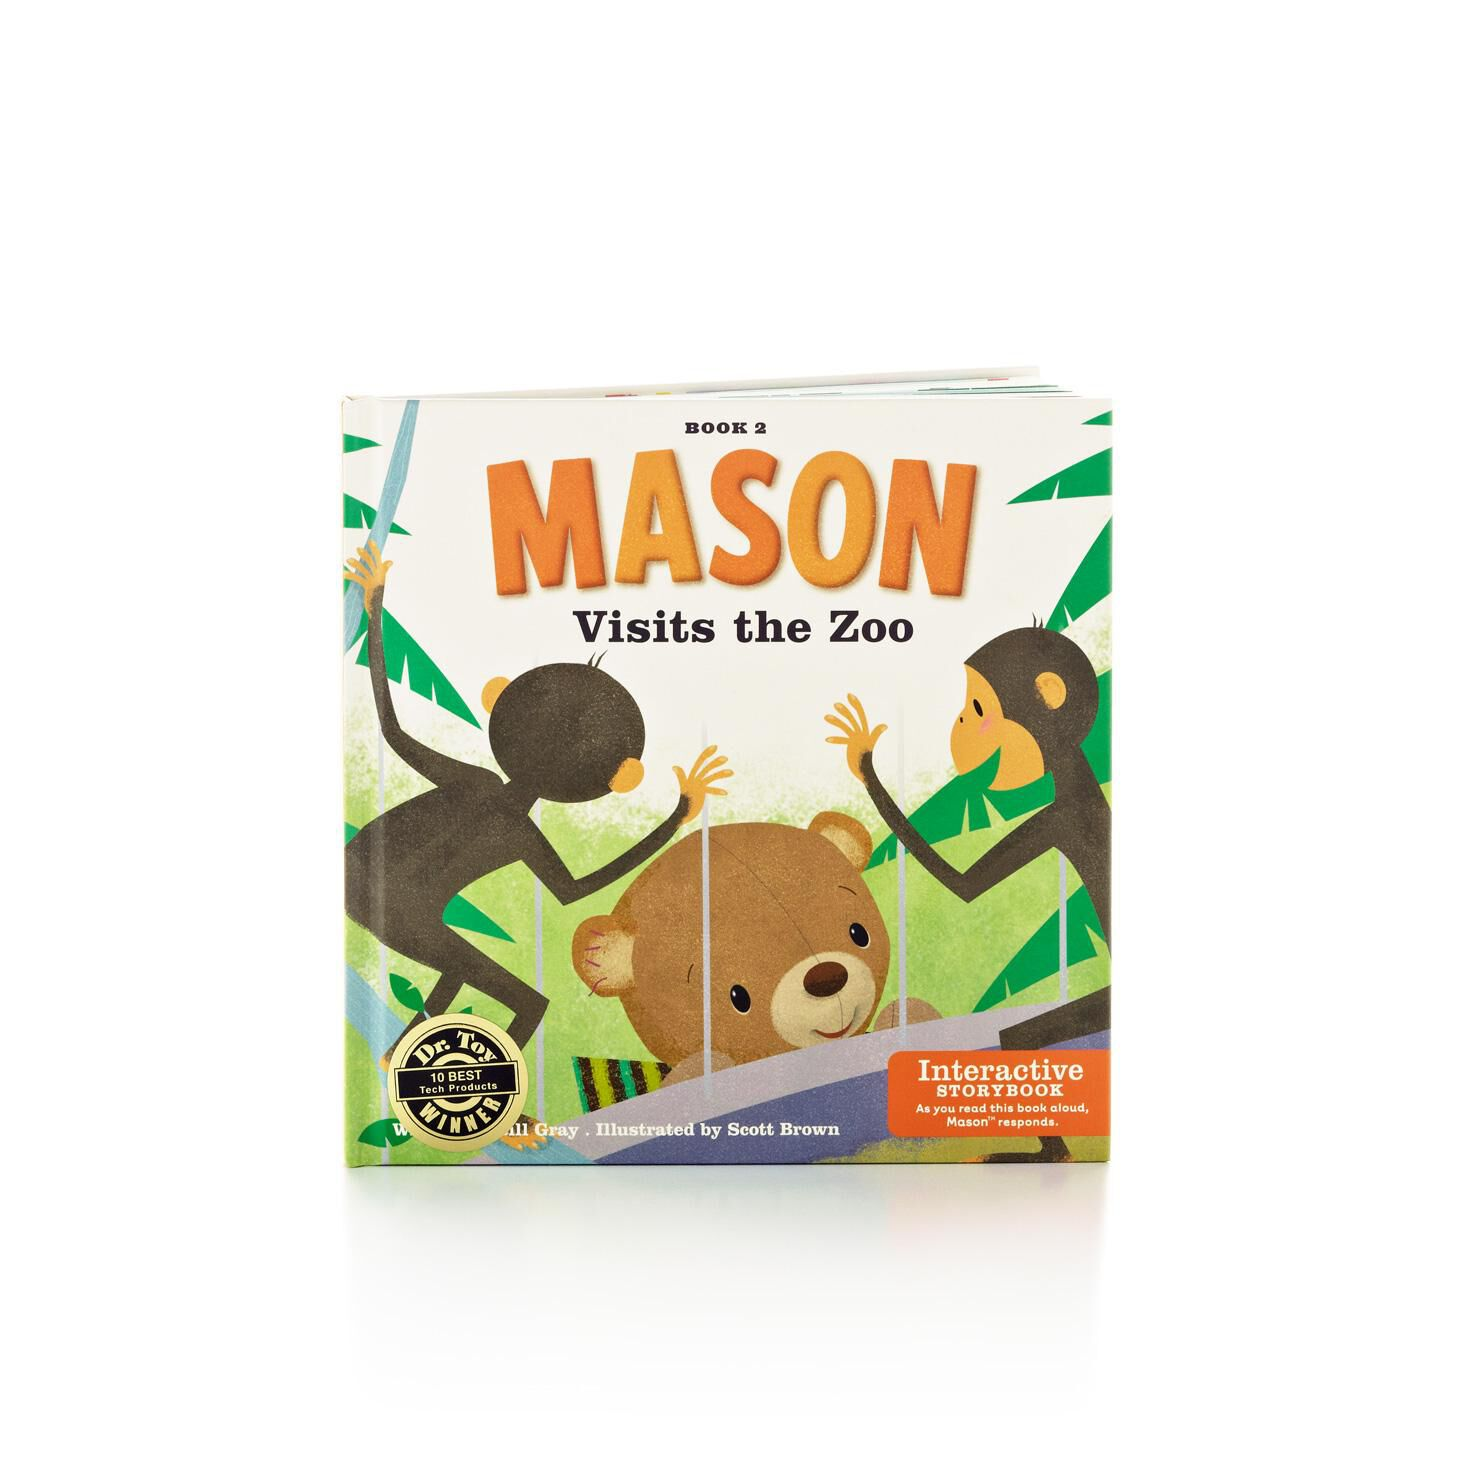 Mason Visits the Zoo